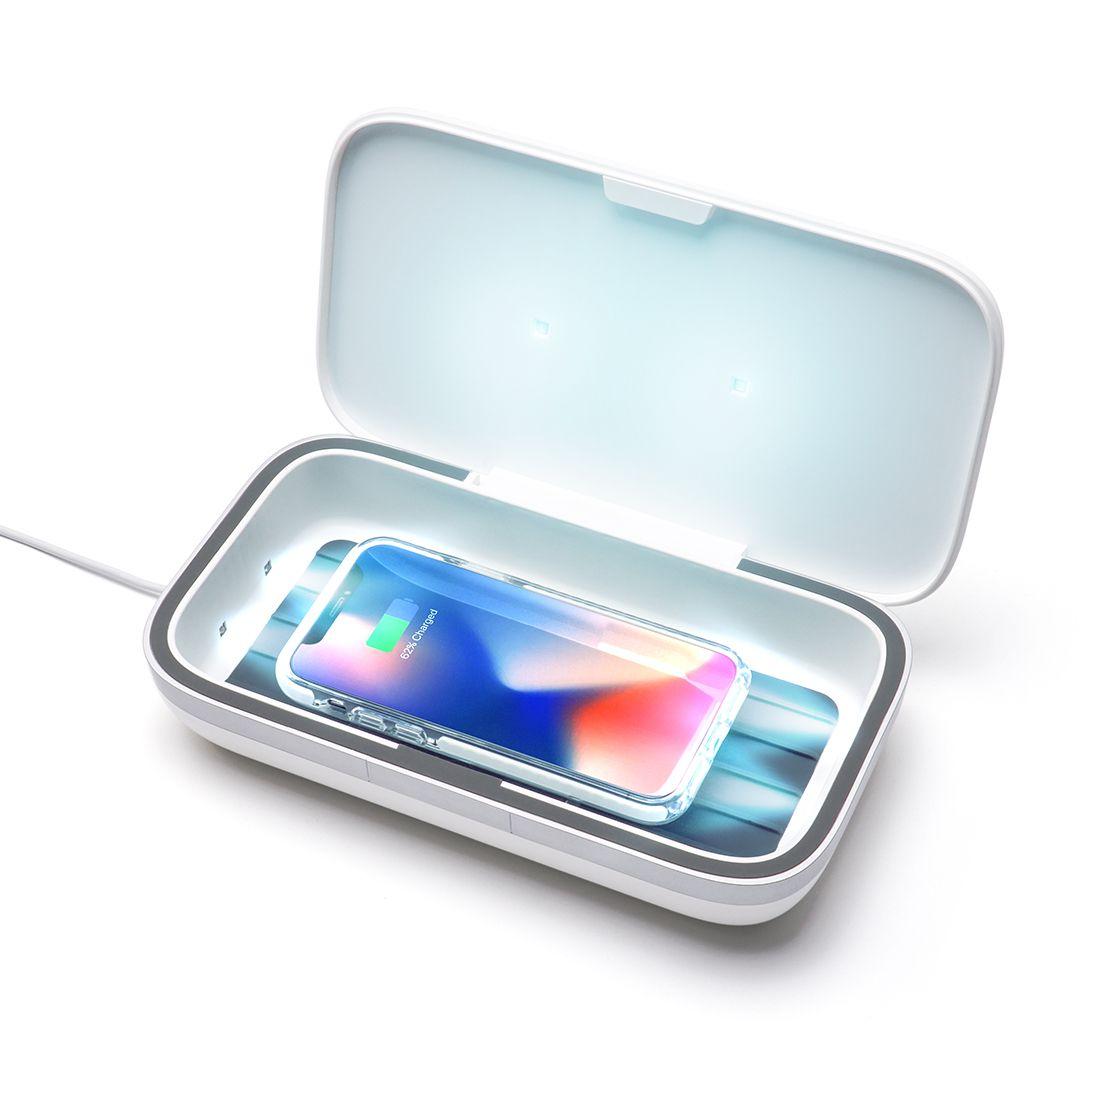 Uv Phone Sanitizer Casetify